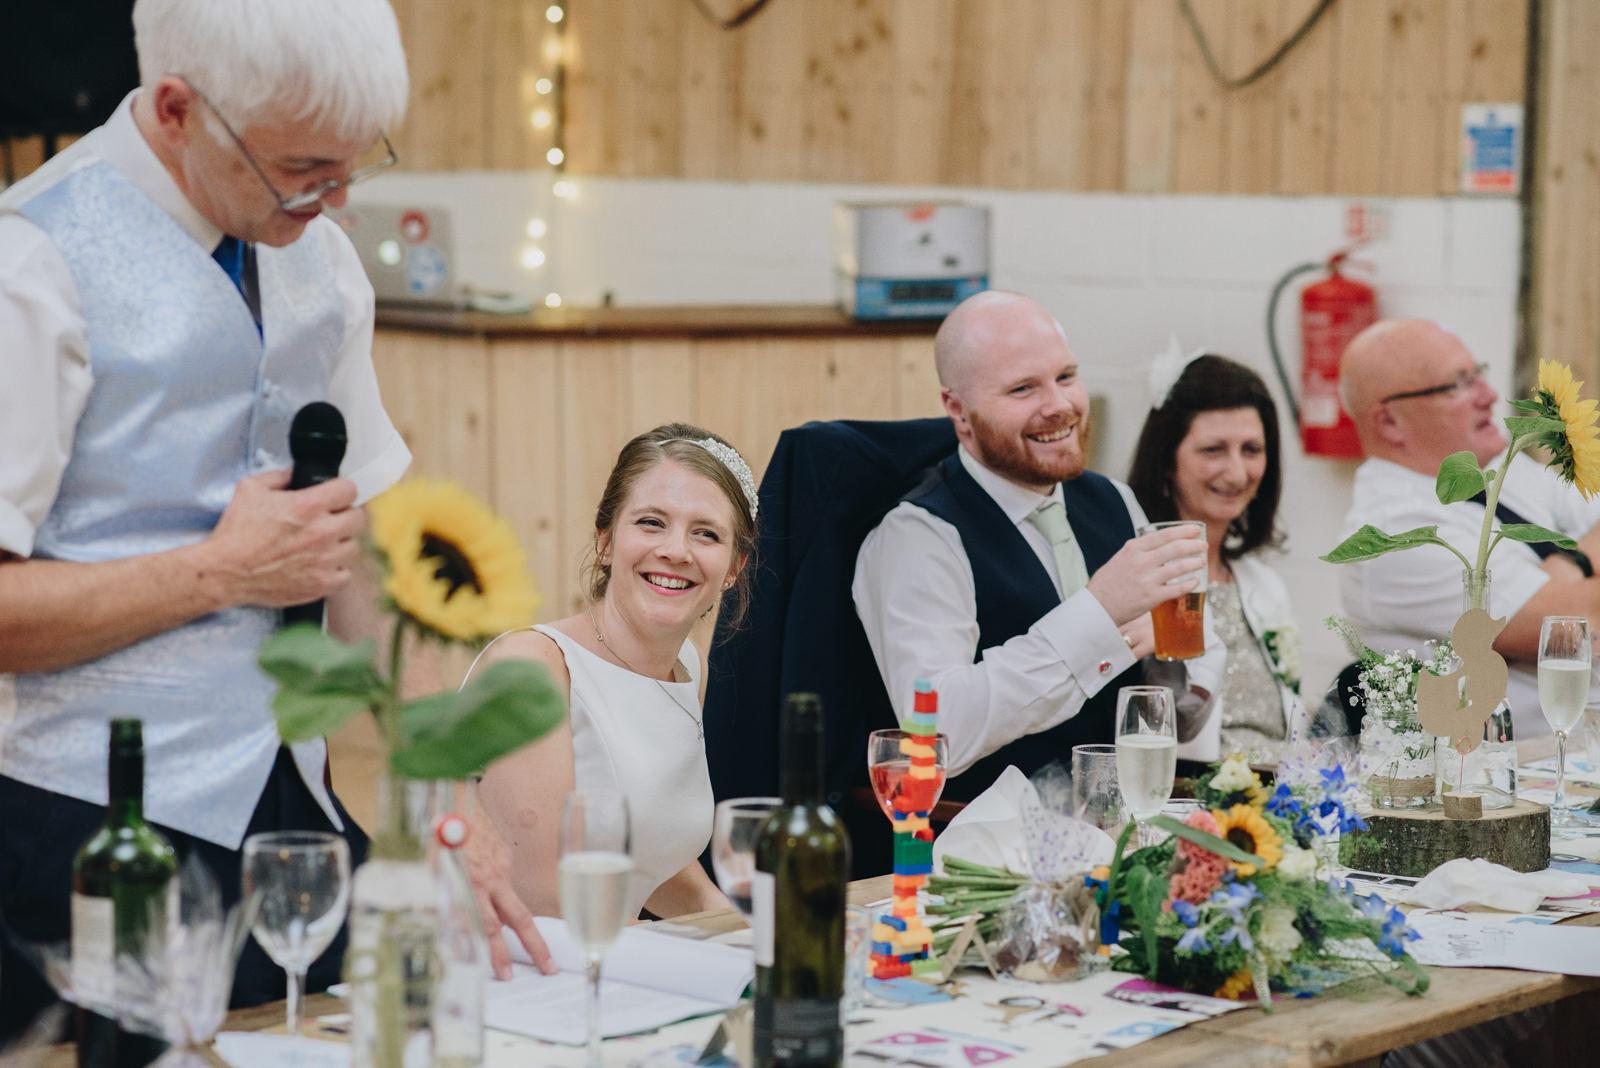 Alternative-North-West-Wedding-Photography-Wellbeing-Farm-Wedding-bus-llamas-54.jpg